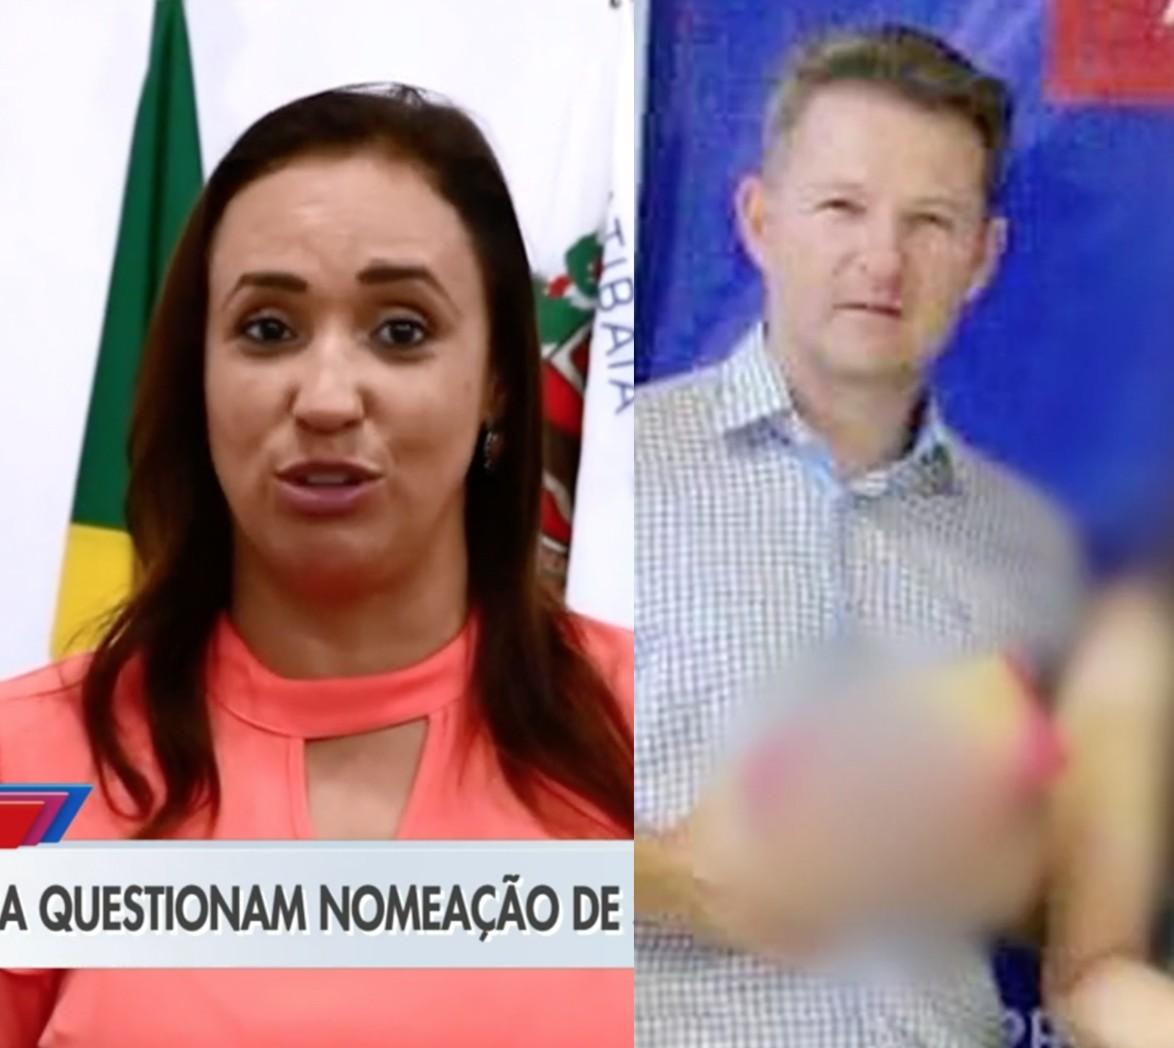 Nomeação de secretário condenado por violência doméstica é questionada por moradores em Atibaia